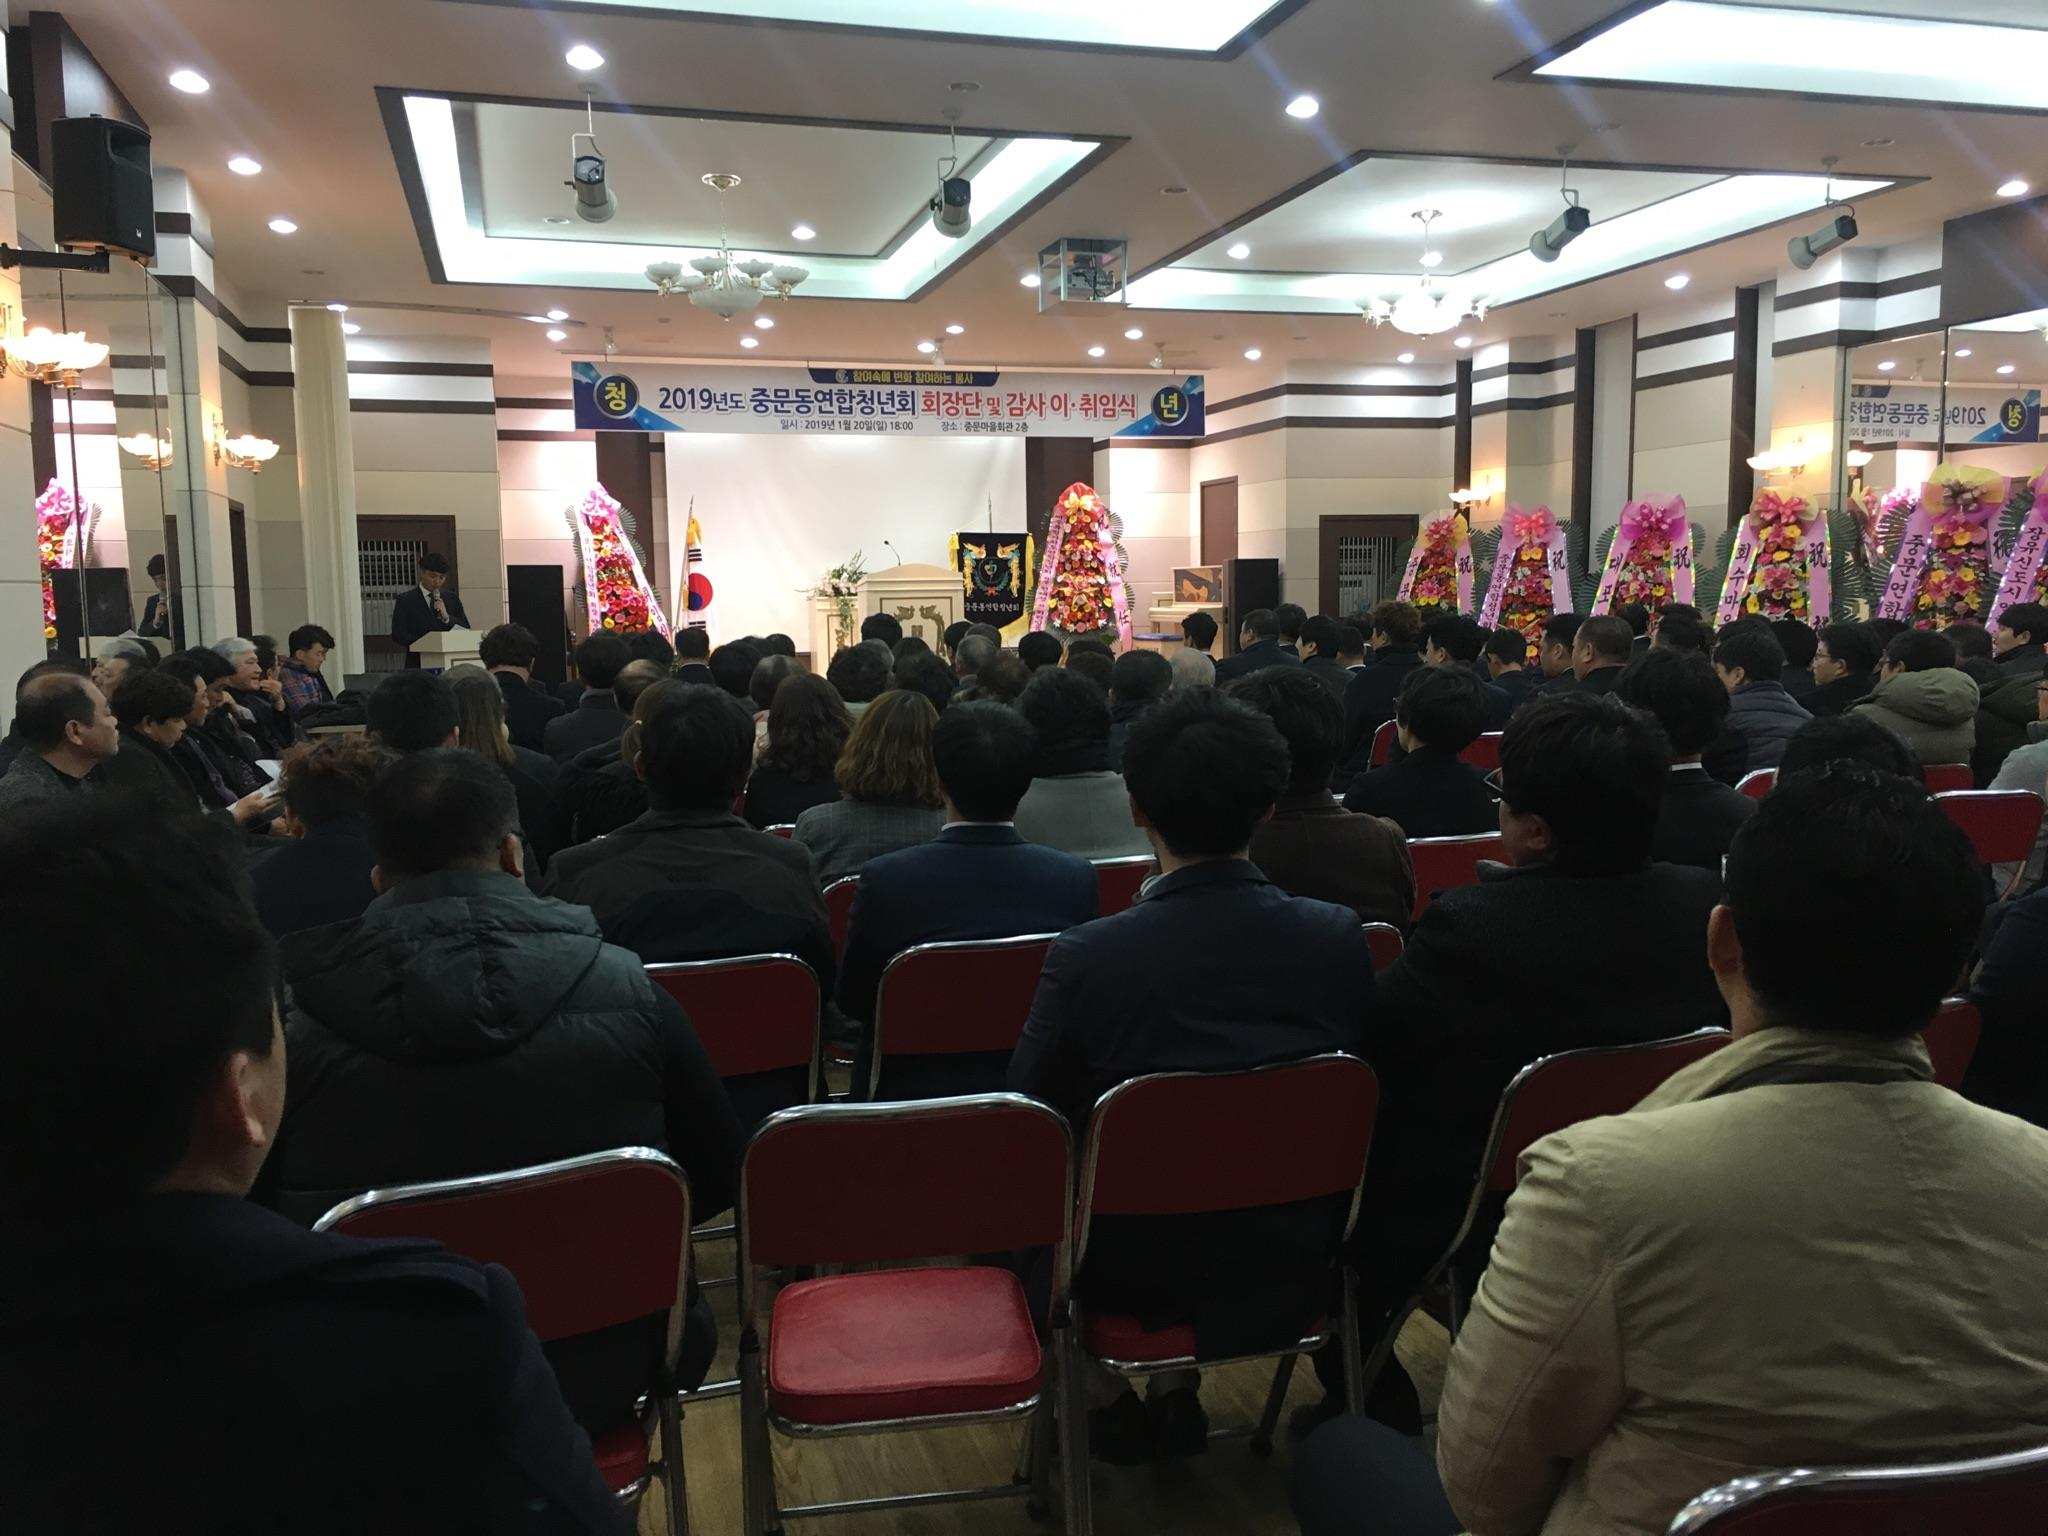 190122 중문동, 2019 연합청년회 신임 회장단 이·취임식 개최.jpg